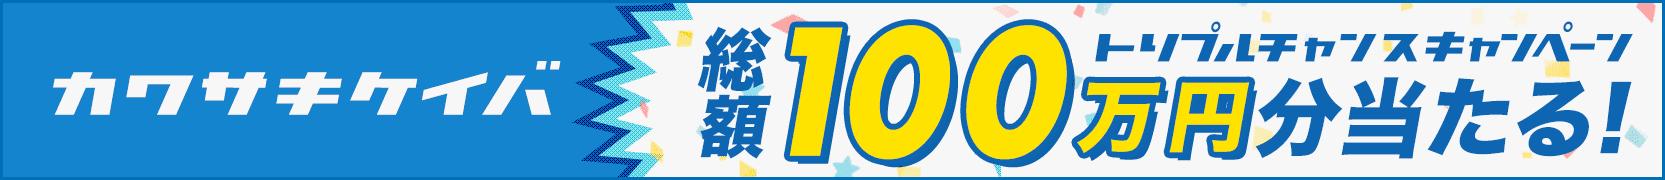 川崎競馬トリプルチャンスキャンペーン(2020年7月)